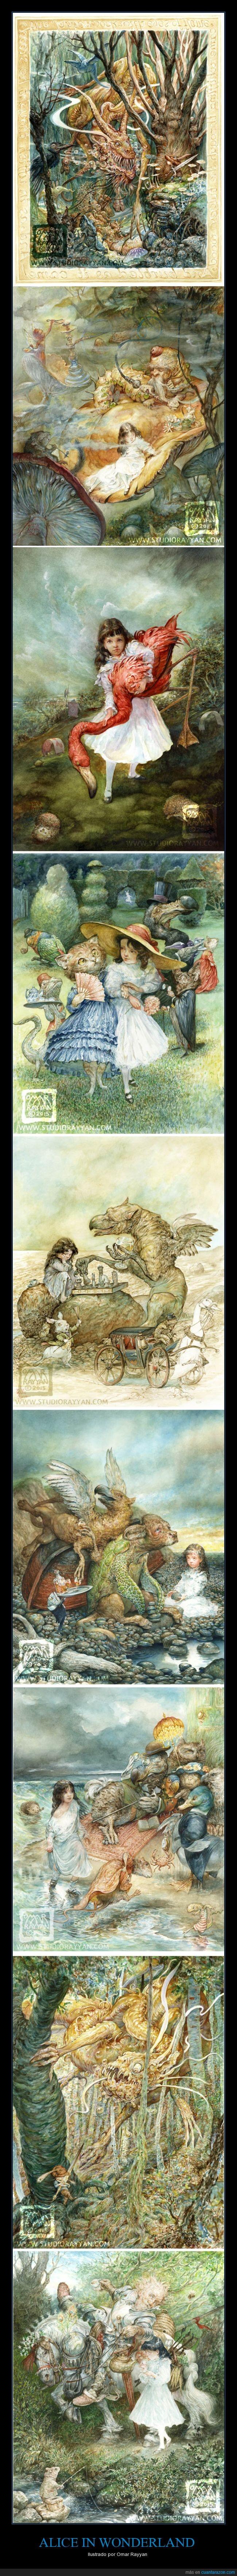 Alicia,Alicia en el país de las maravillas,Arte,Omar Rayyan,Wonderland